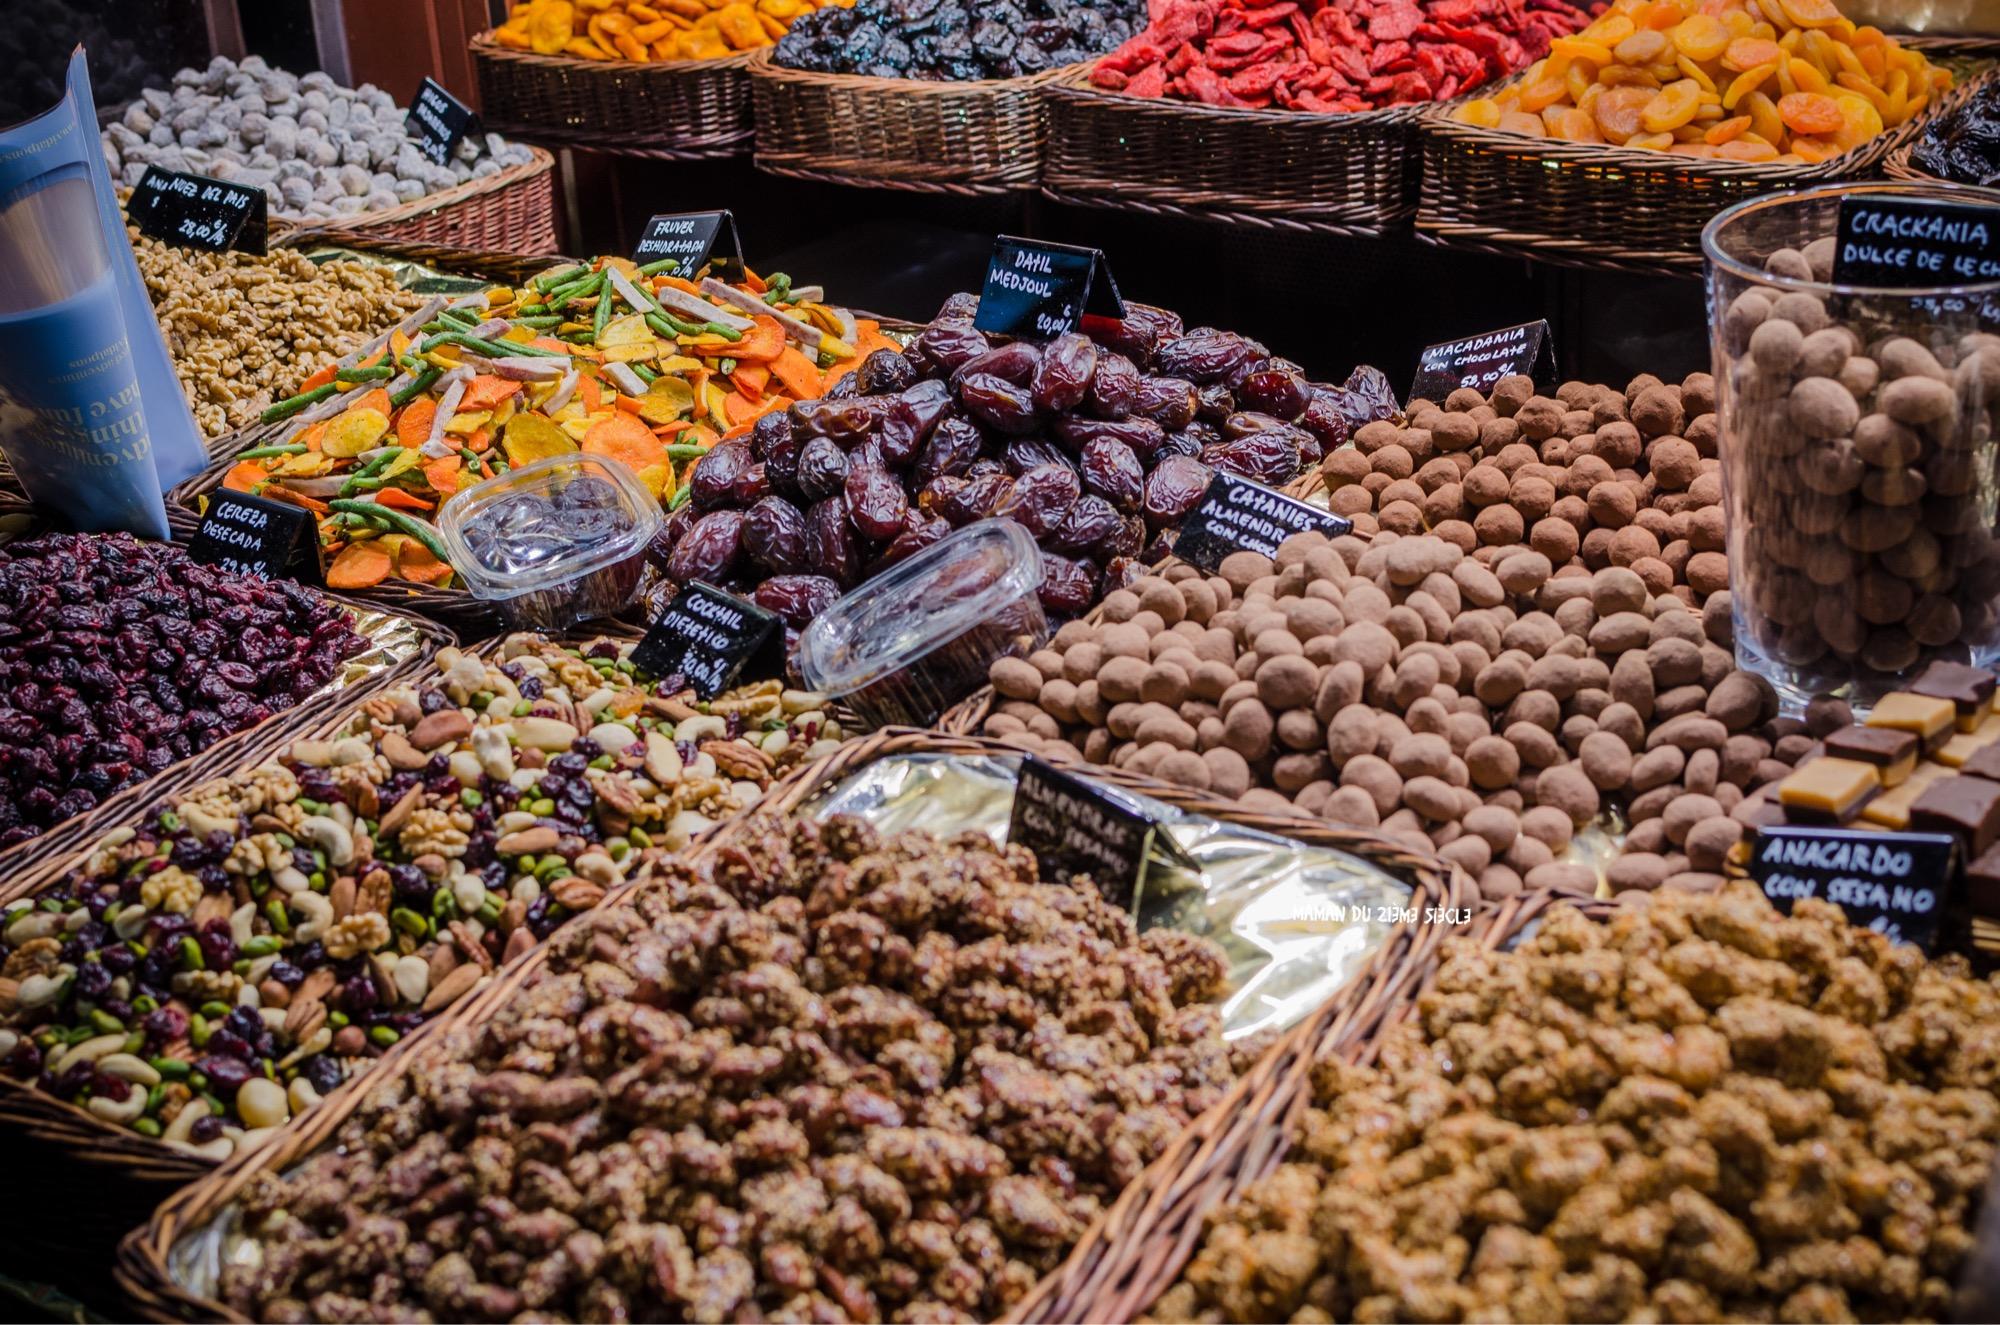 mercat-st-josep-la-boqueria